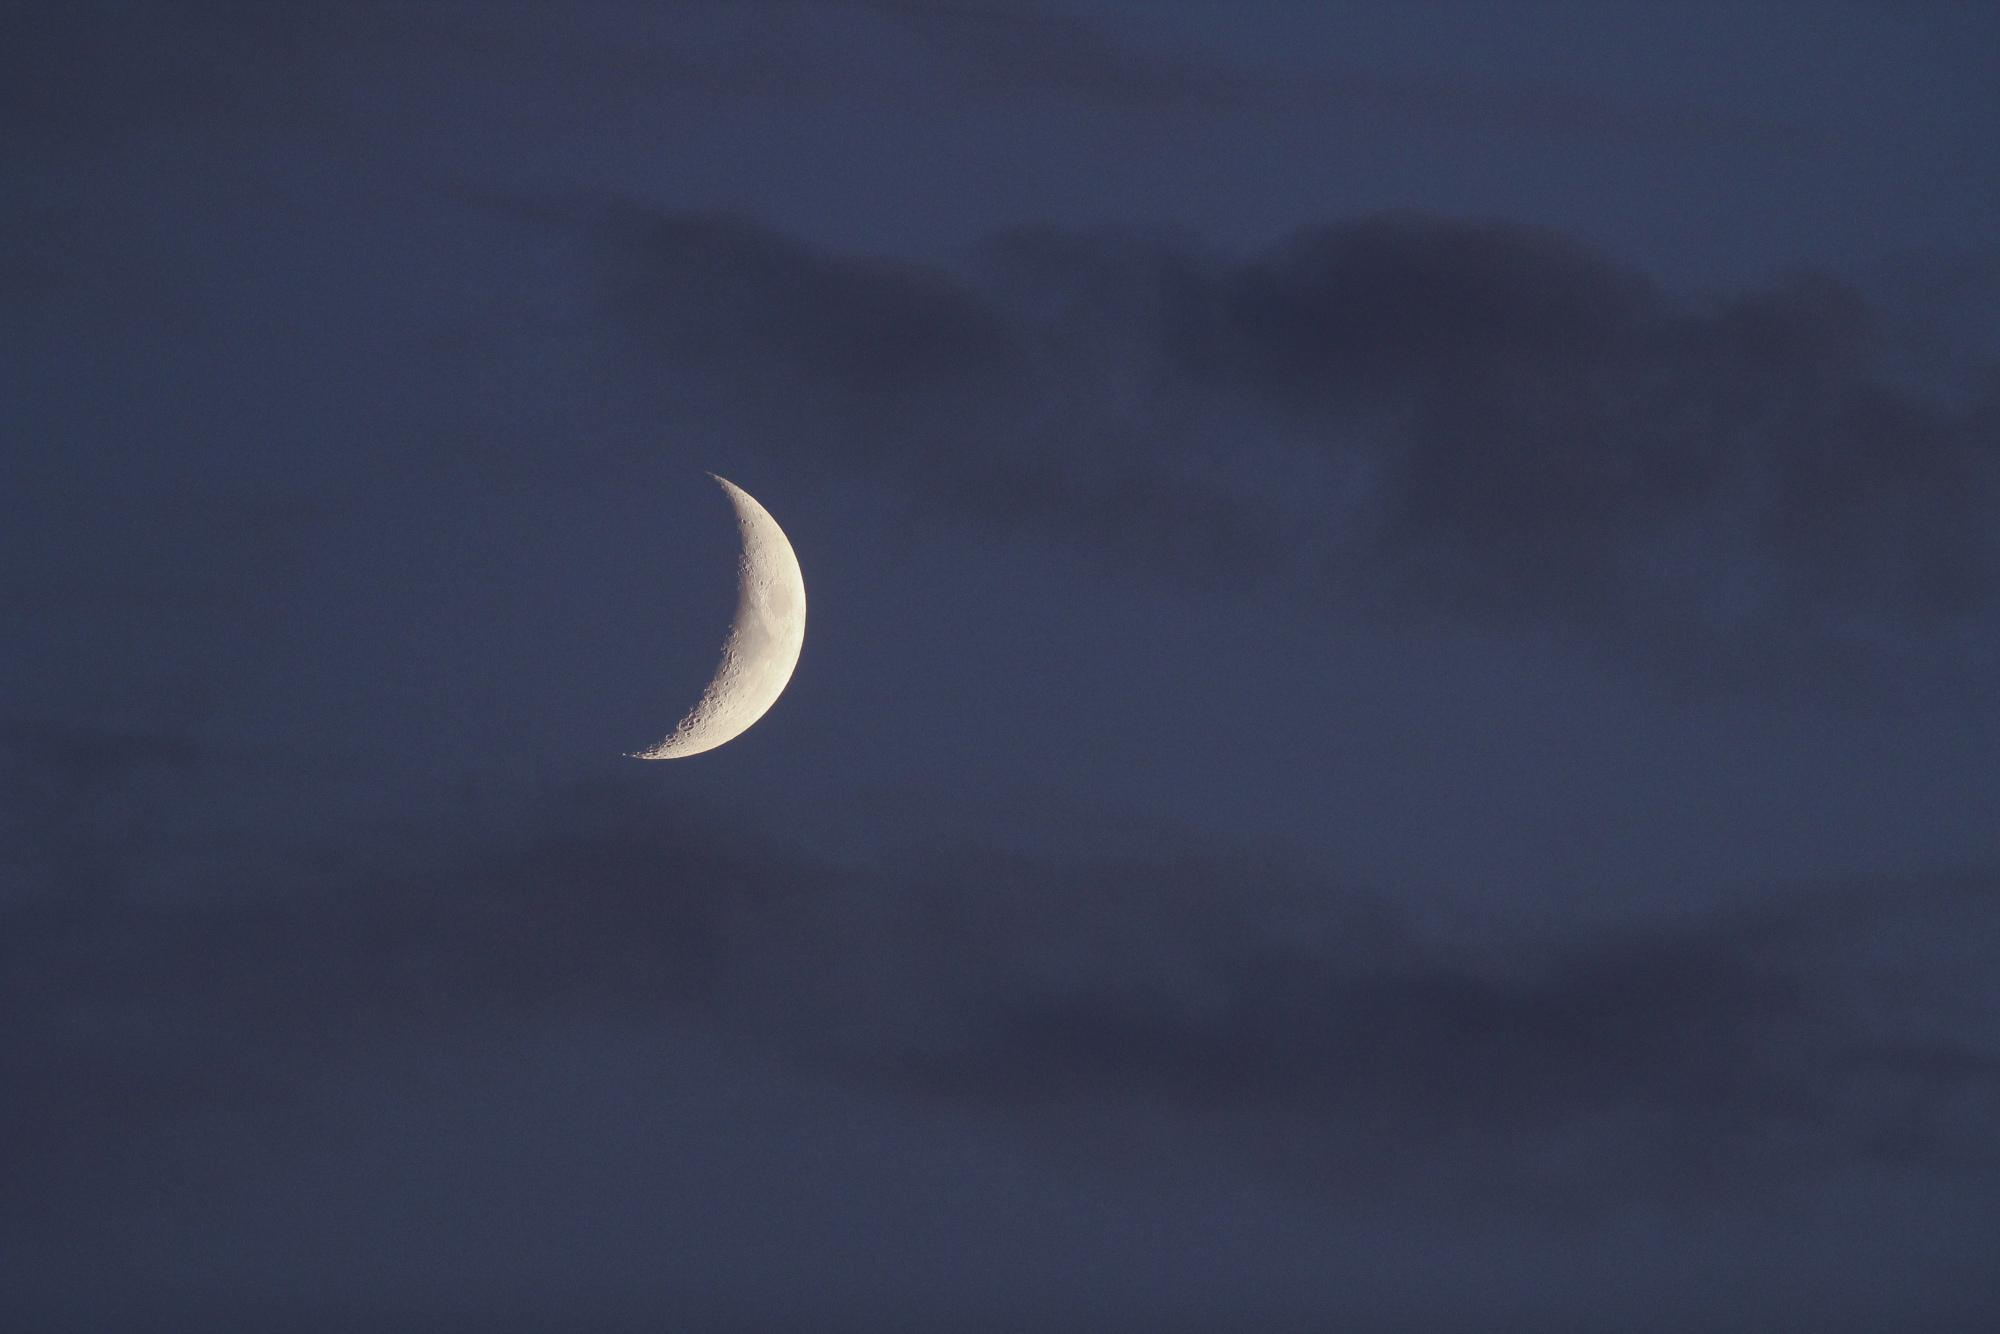 lune_21_09_2020.thumb.JPG.6fee64445e092afb904feb0b7c125194.JPG